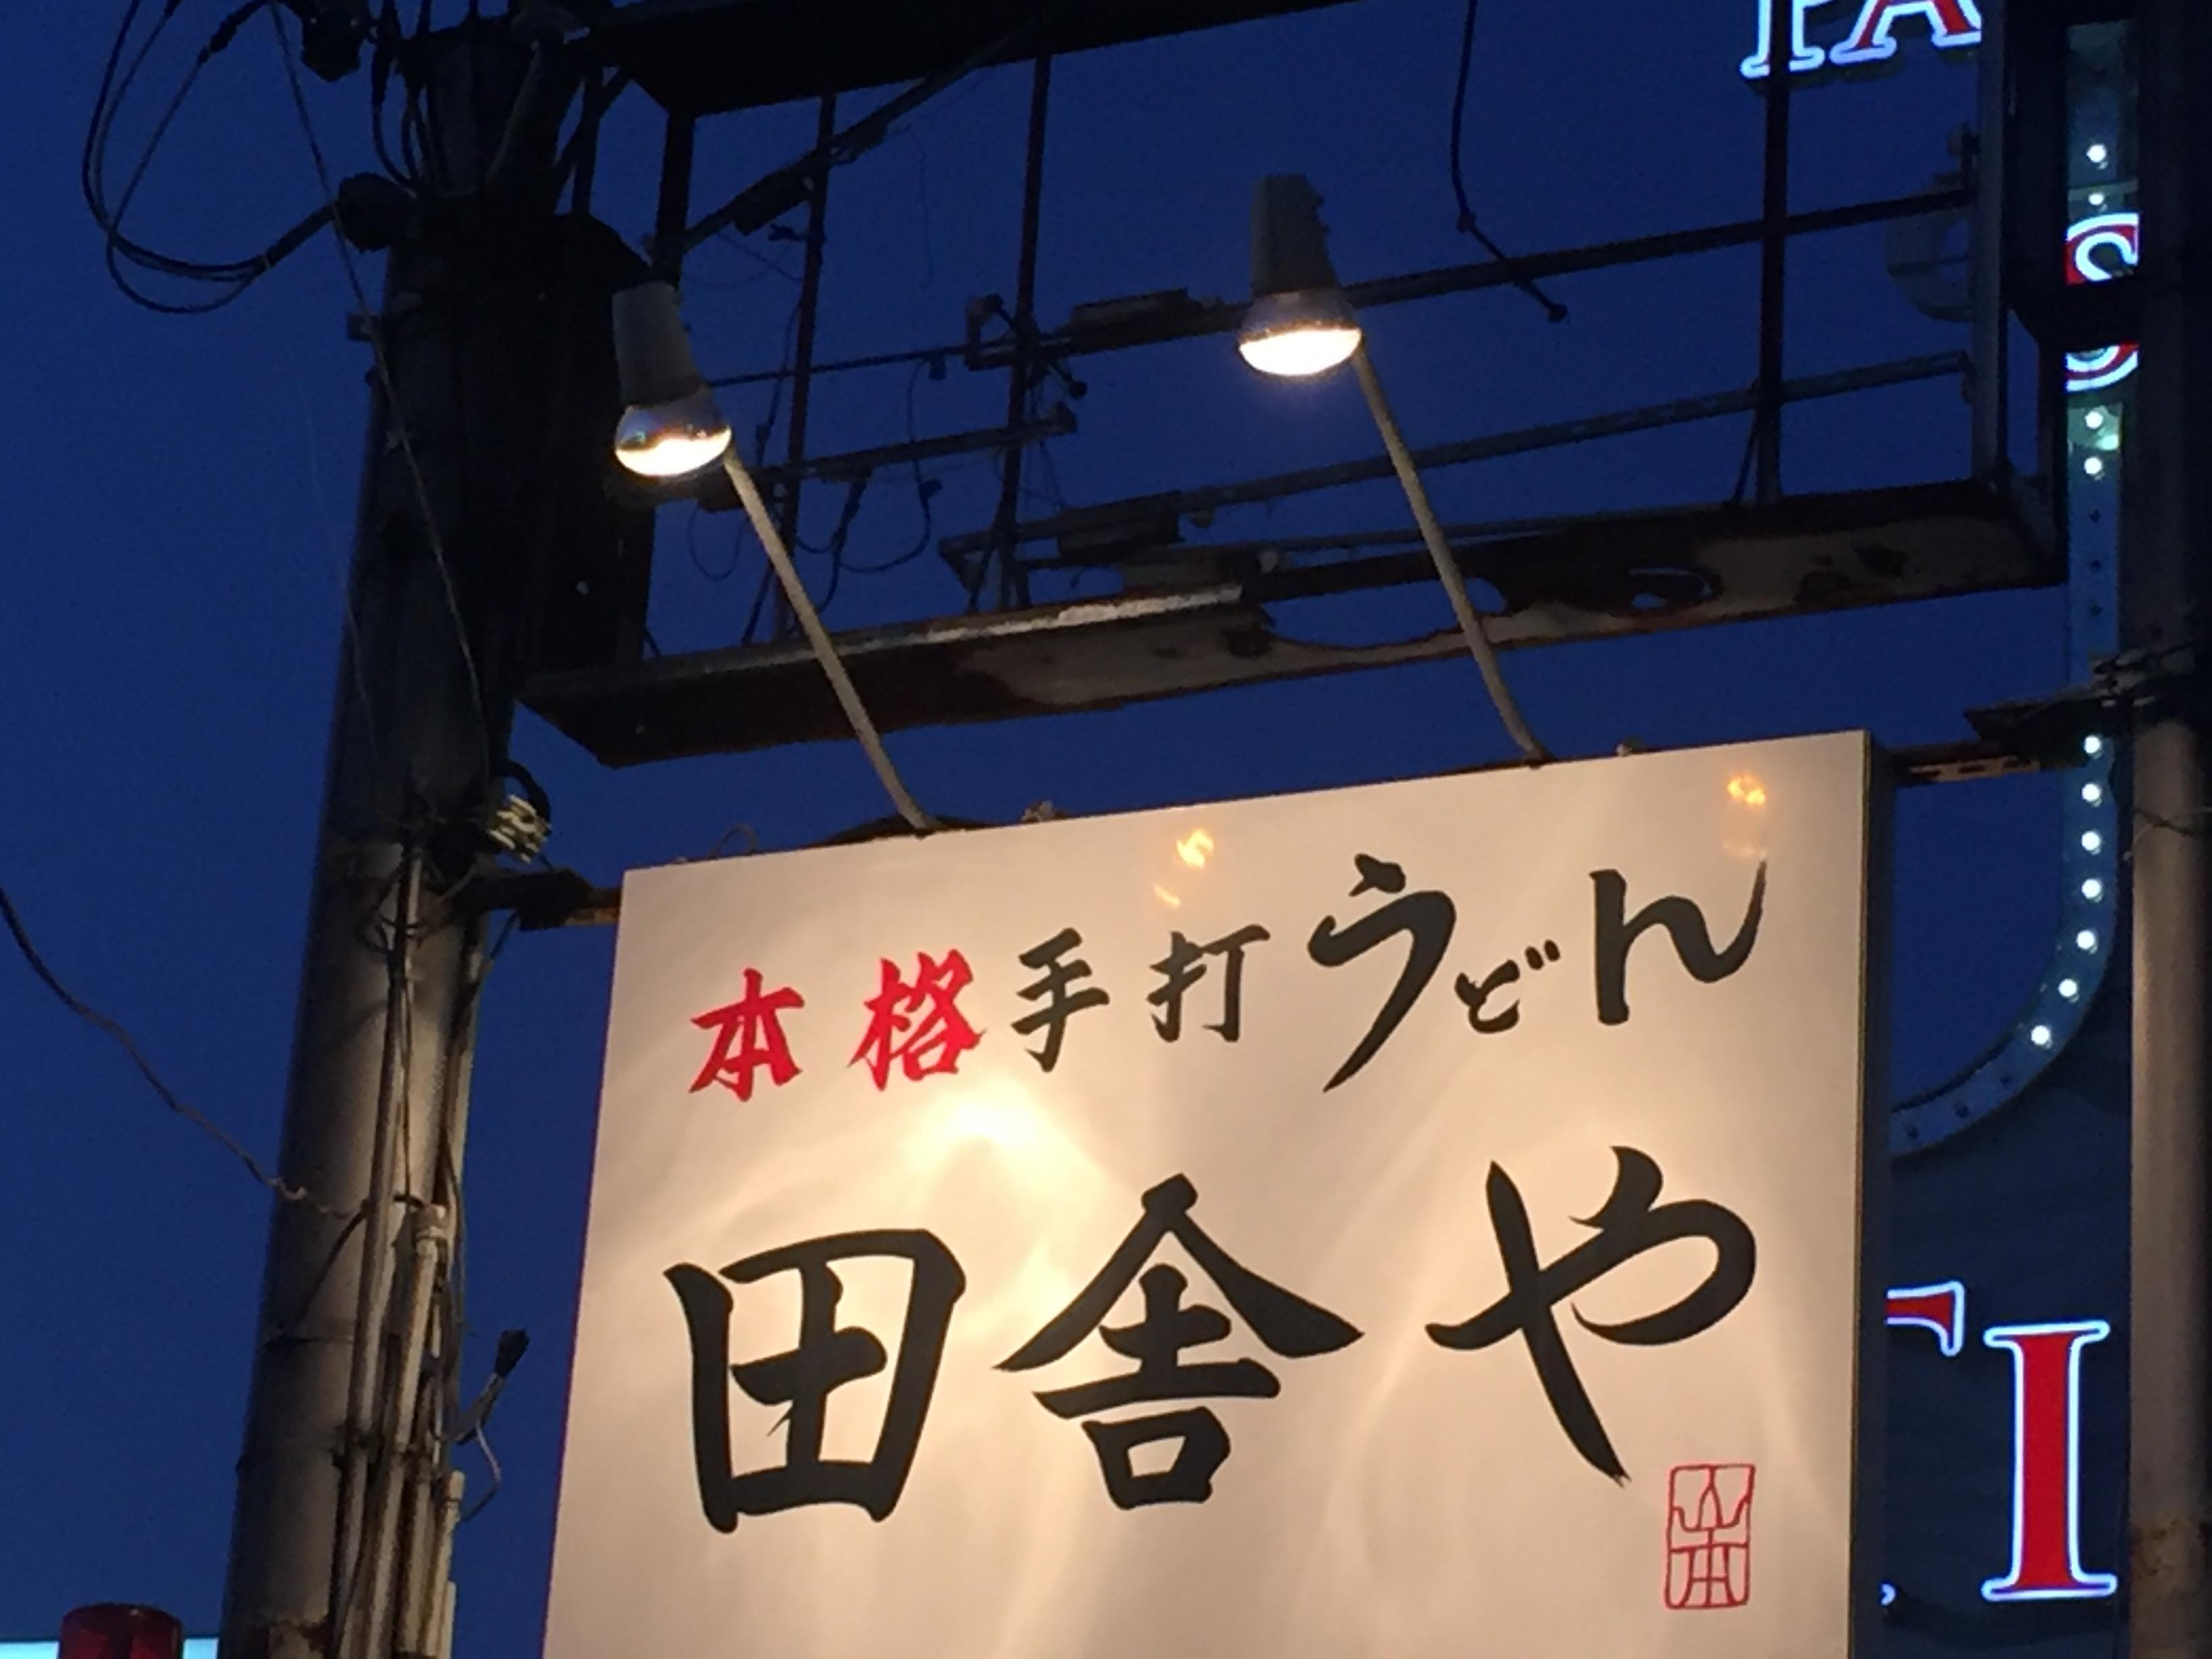 兵庫県神崎郡 飲食店 田舎や様